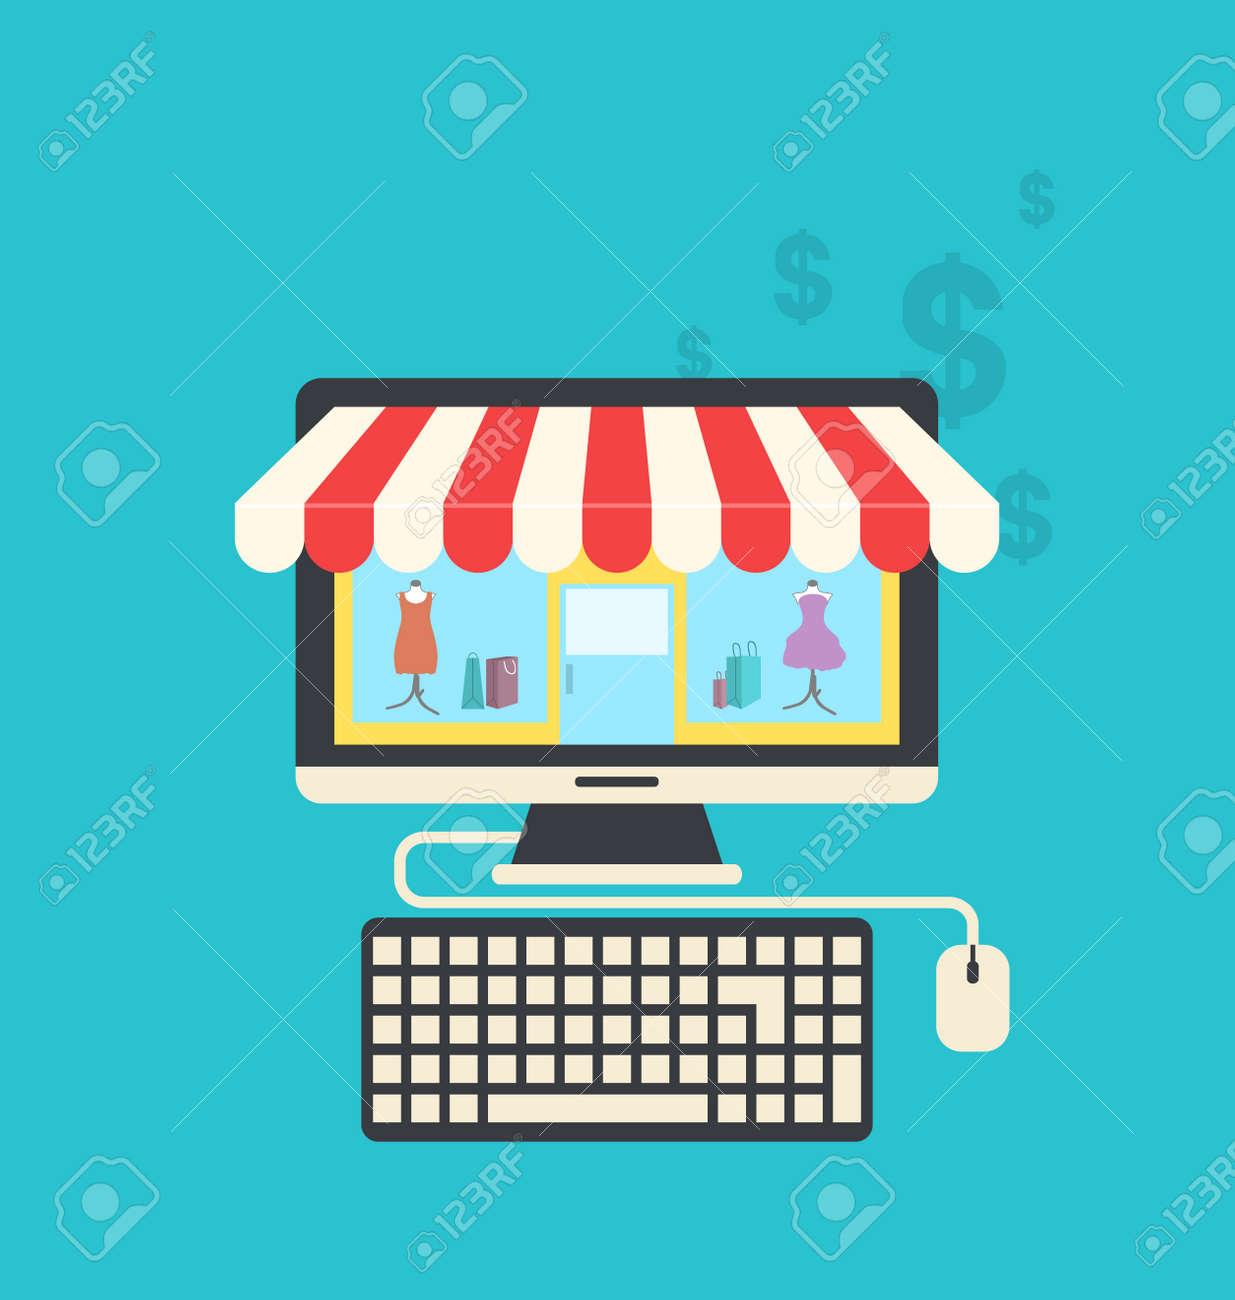 Tiendas De Ordenadores Online.Ilustracion Concepto De Tienda Online Iconos Planos De Ordenador Teclado Y Raton Vector